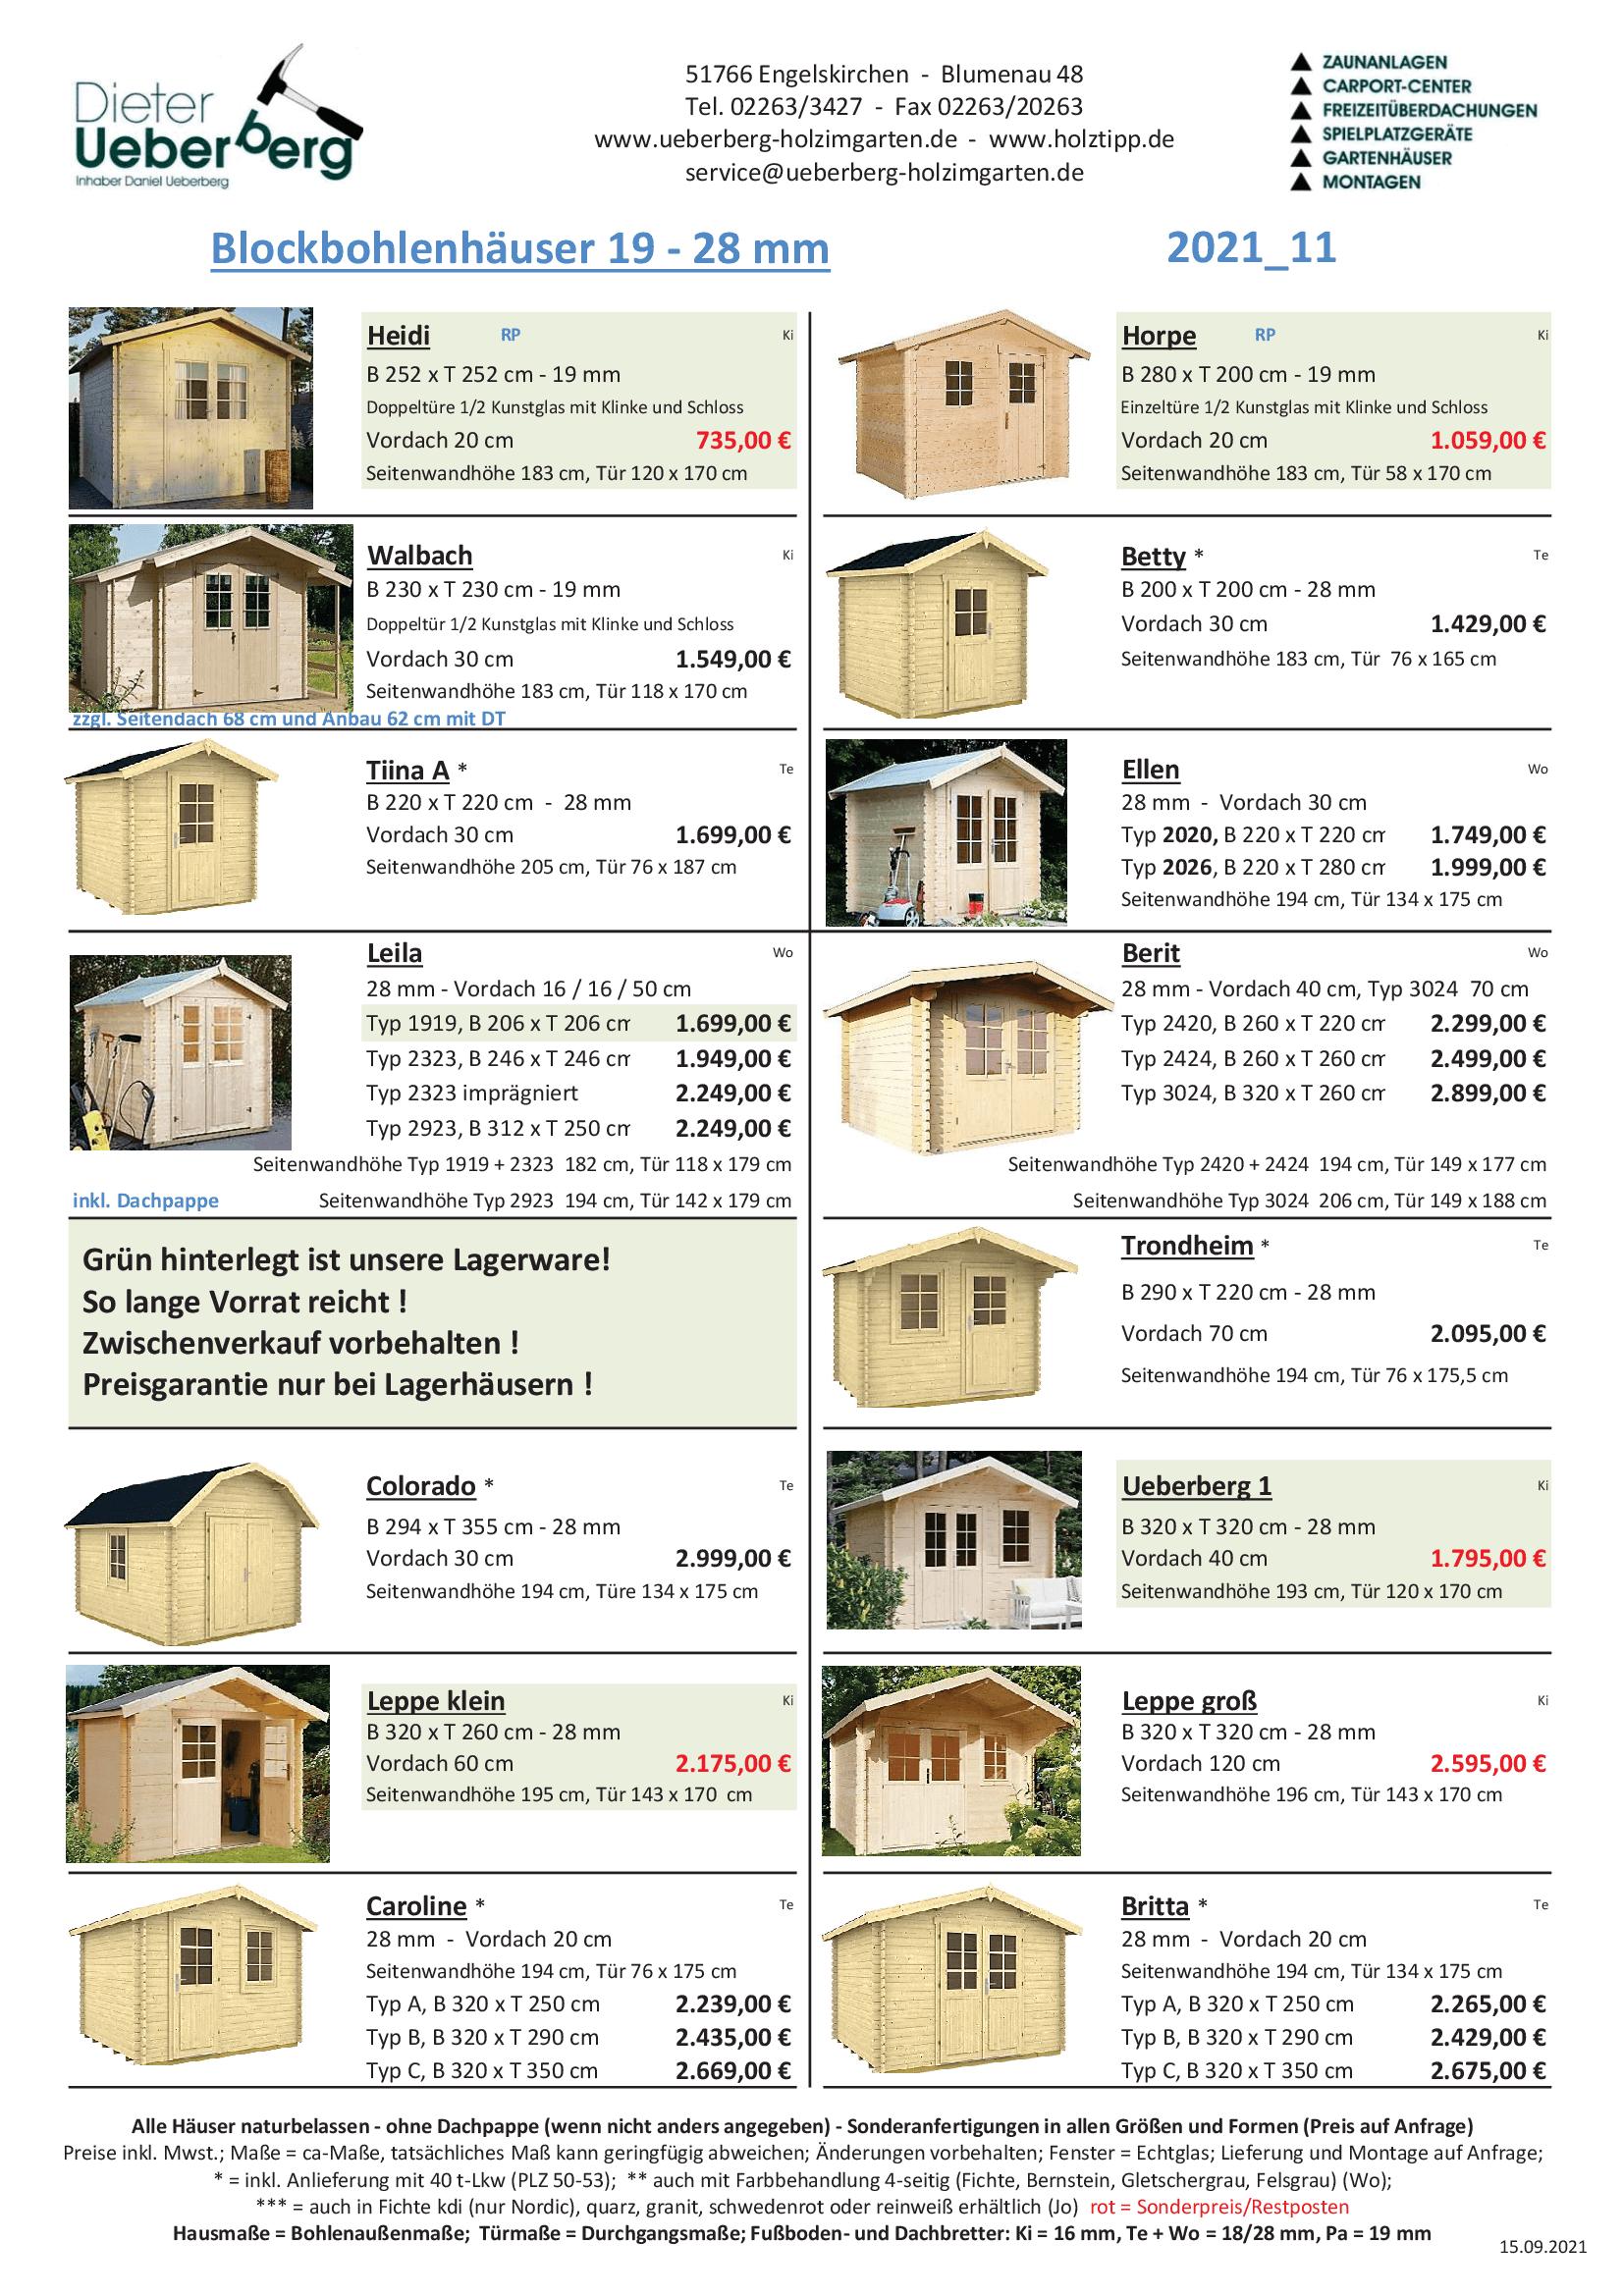 Garten- und Gerätehäuser Ueberberg 2021_11